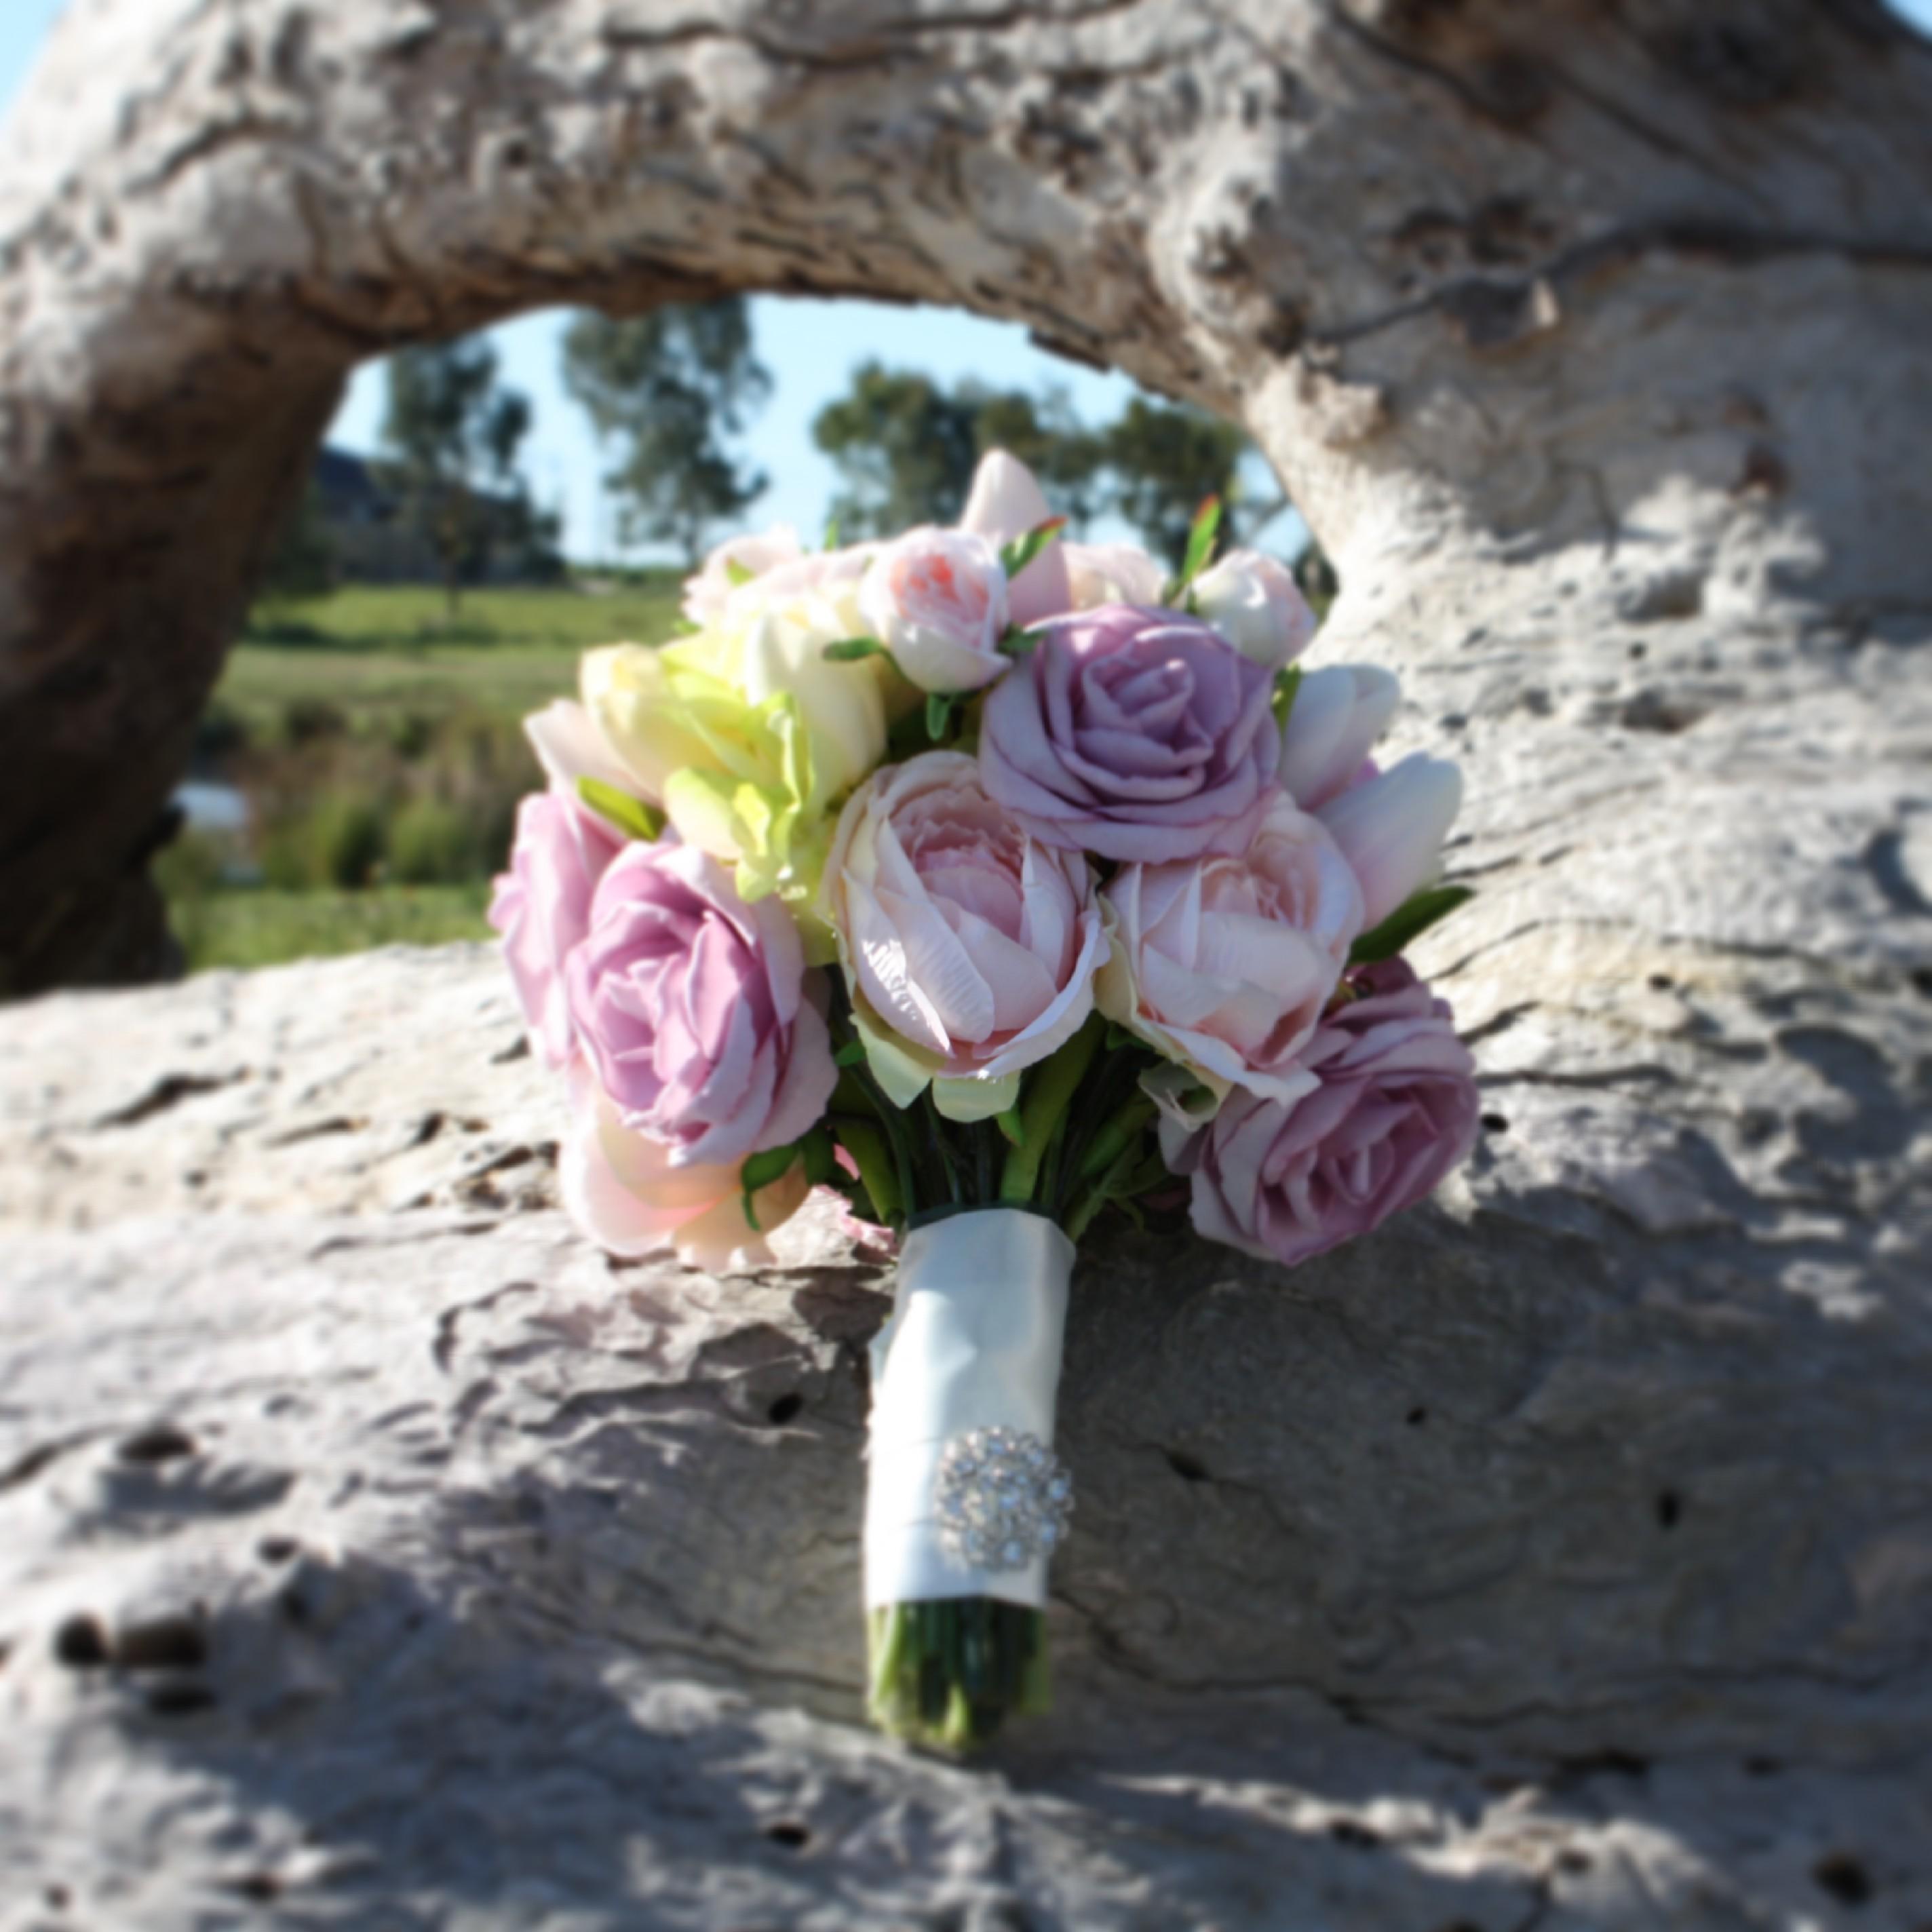 Tulip, Peony & Rose Bouquet